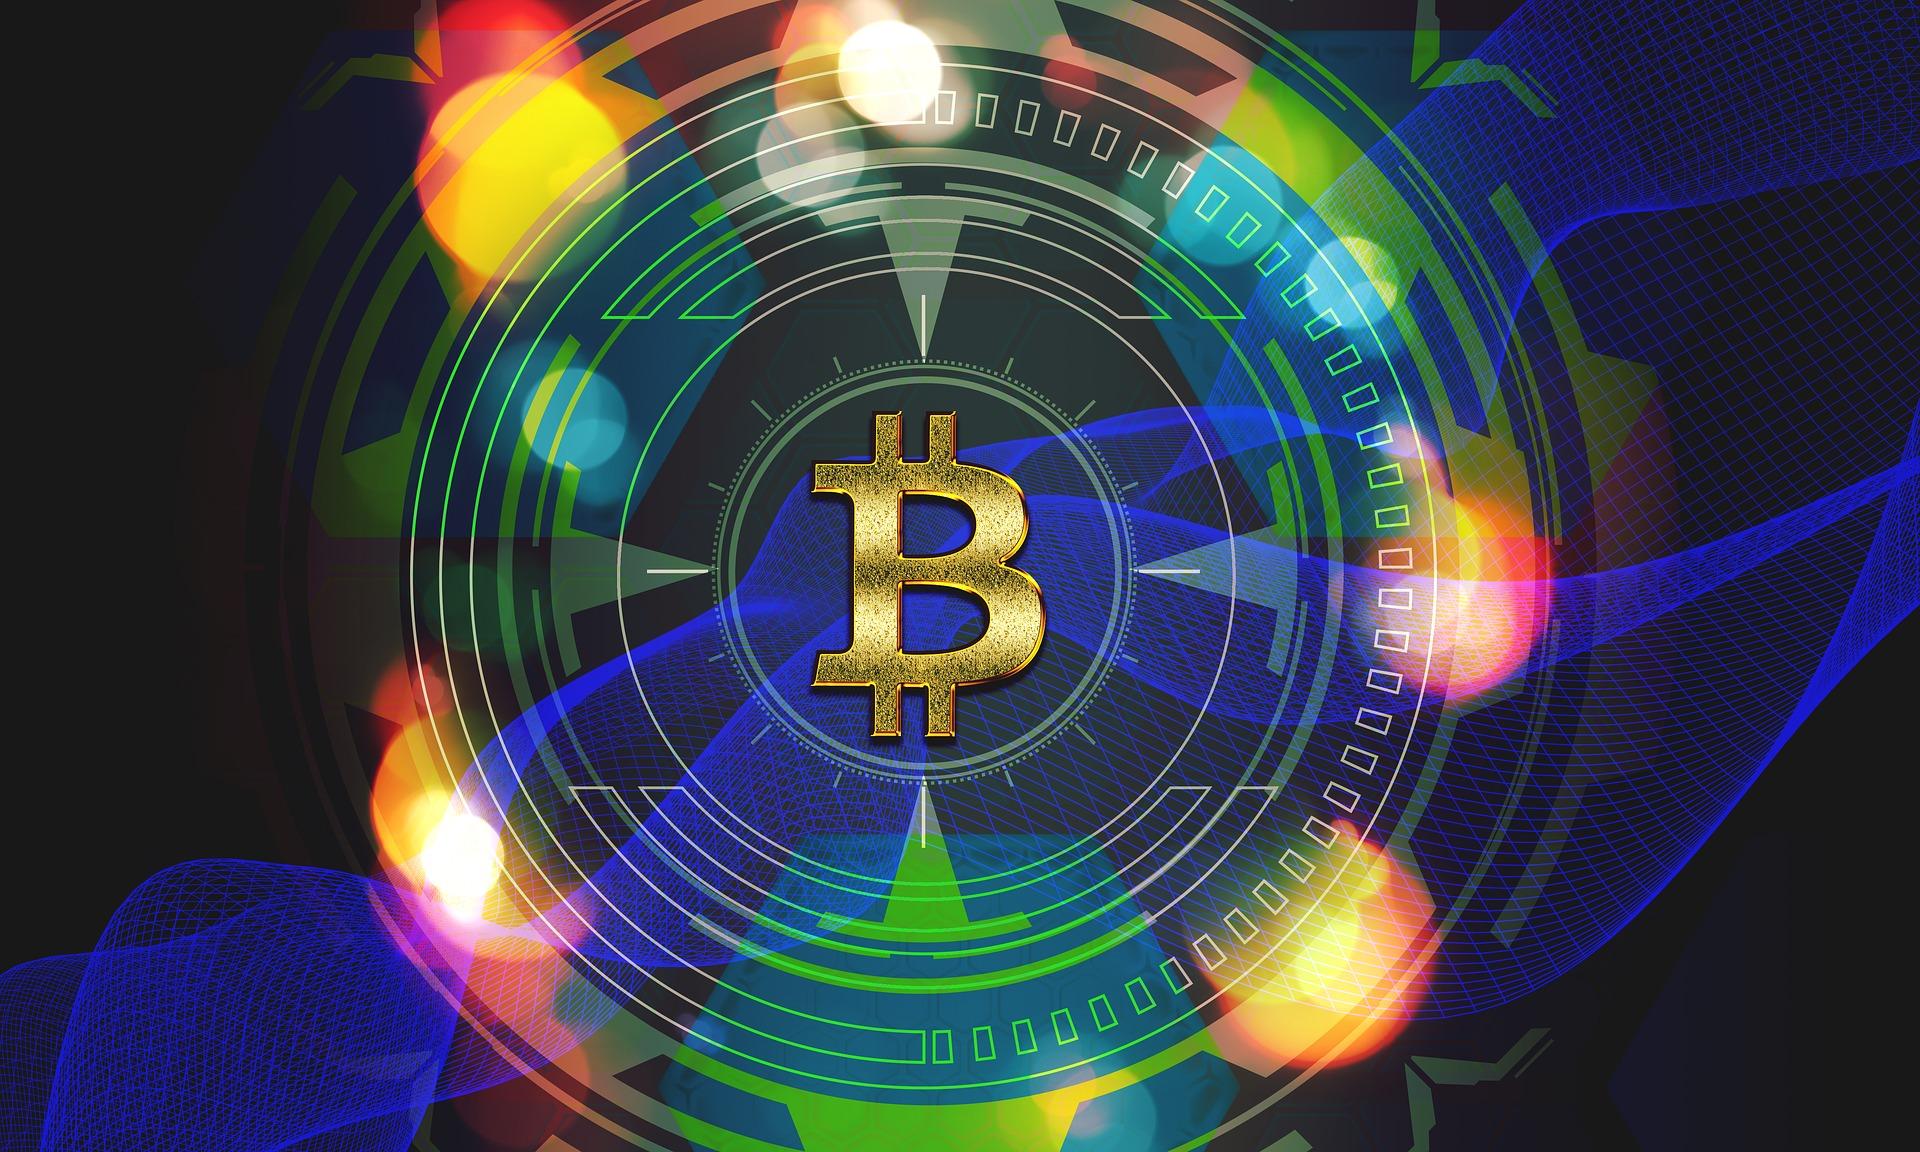 Gruppe die Gelder laut Bitcoin Future i